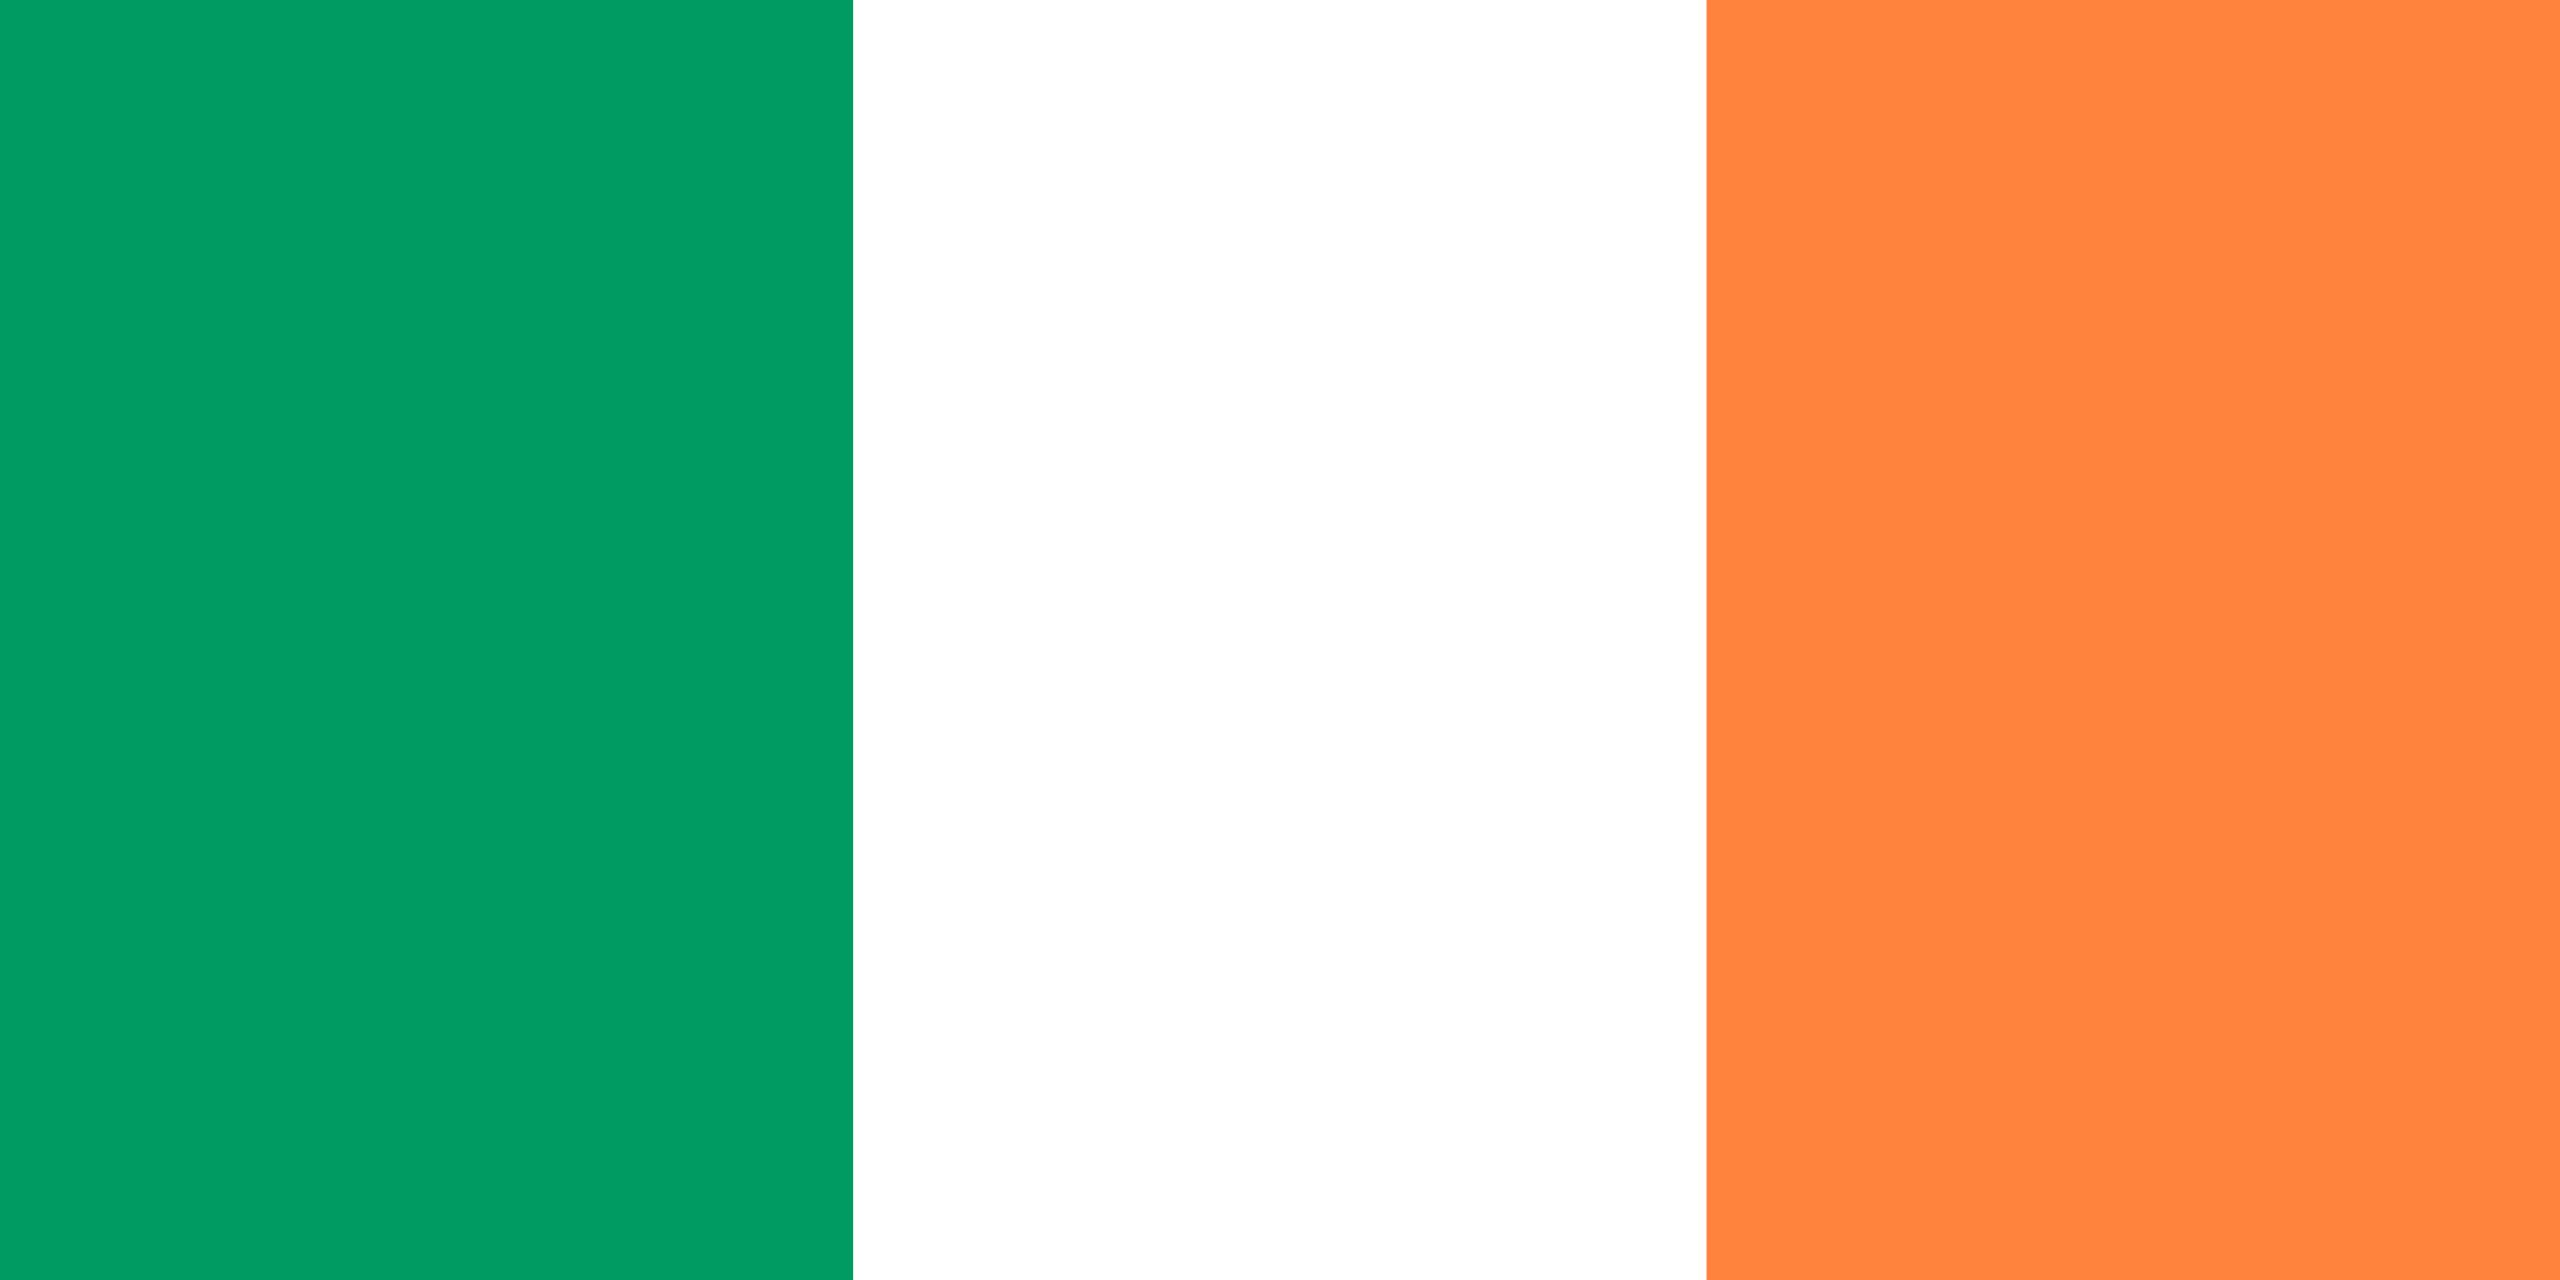 アイルランド, 国, エンブレム, ロゴ, シンボル - HD の壁紙 - 教授-falken.com